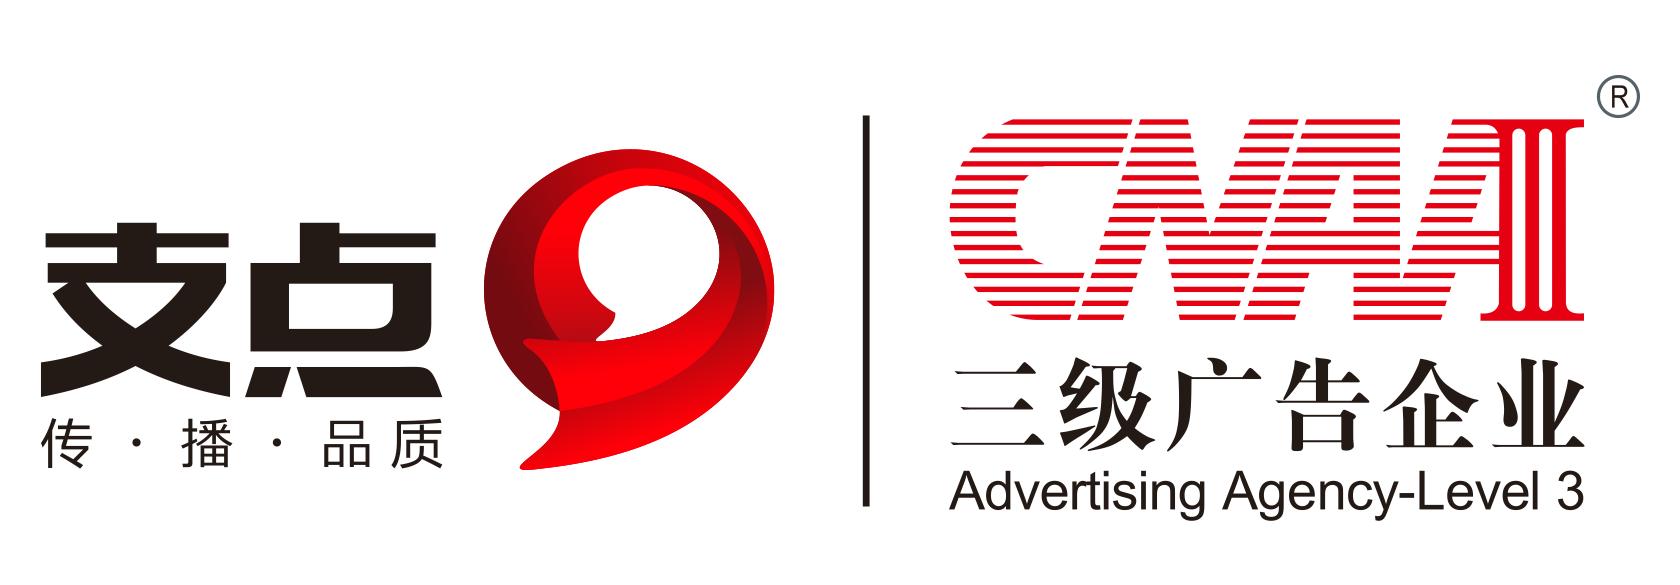 内江市支点广告有限责任公司